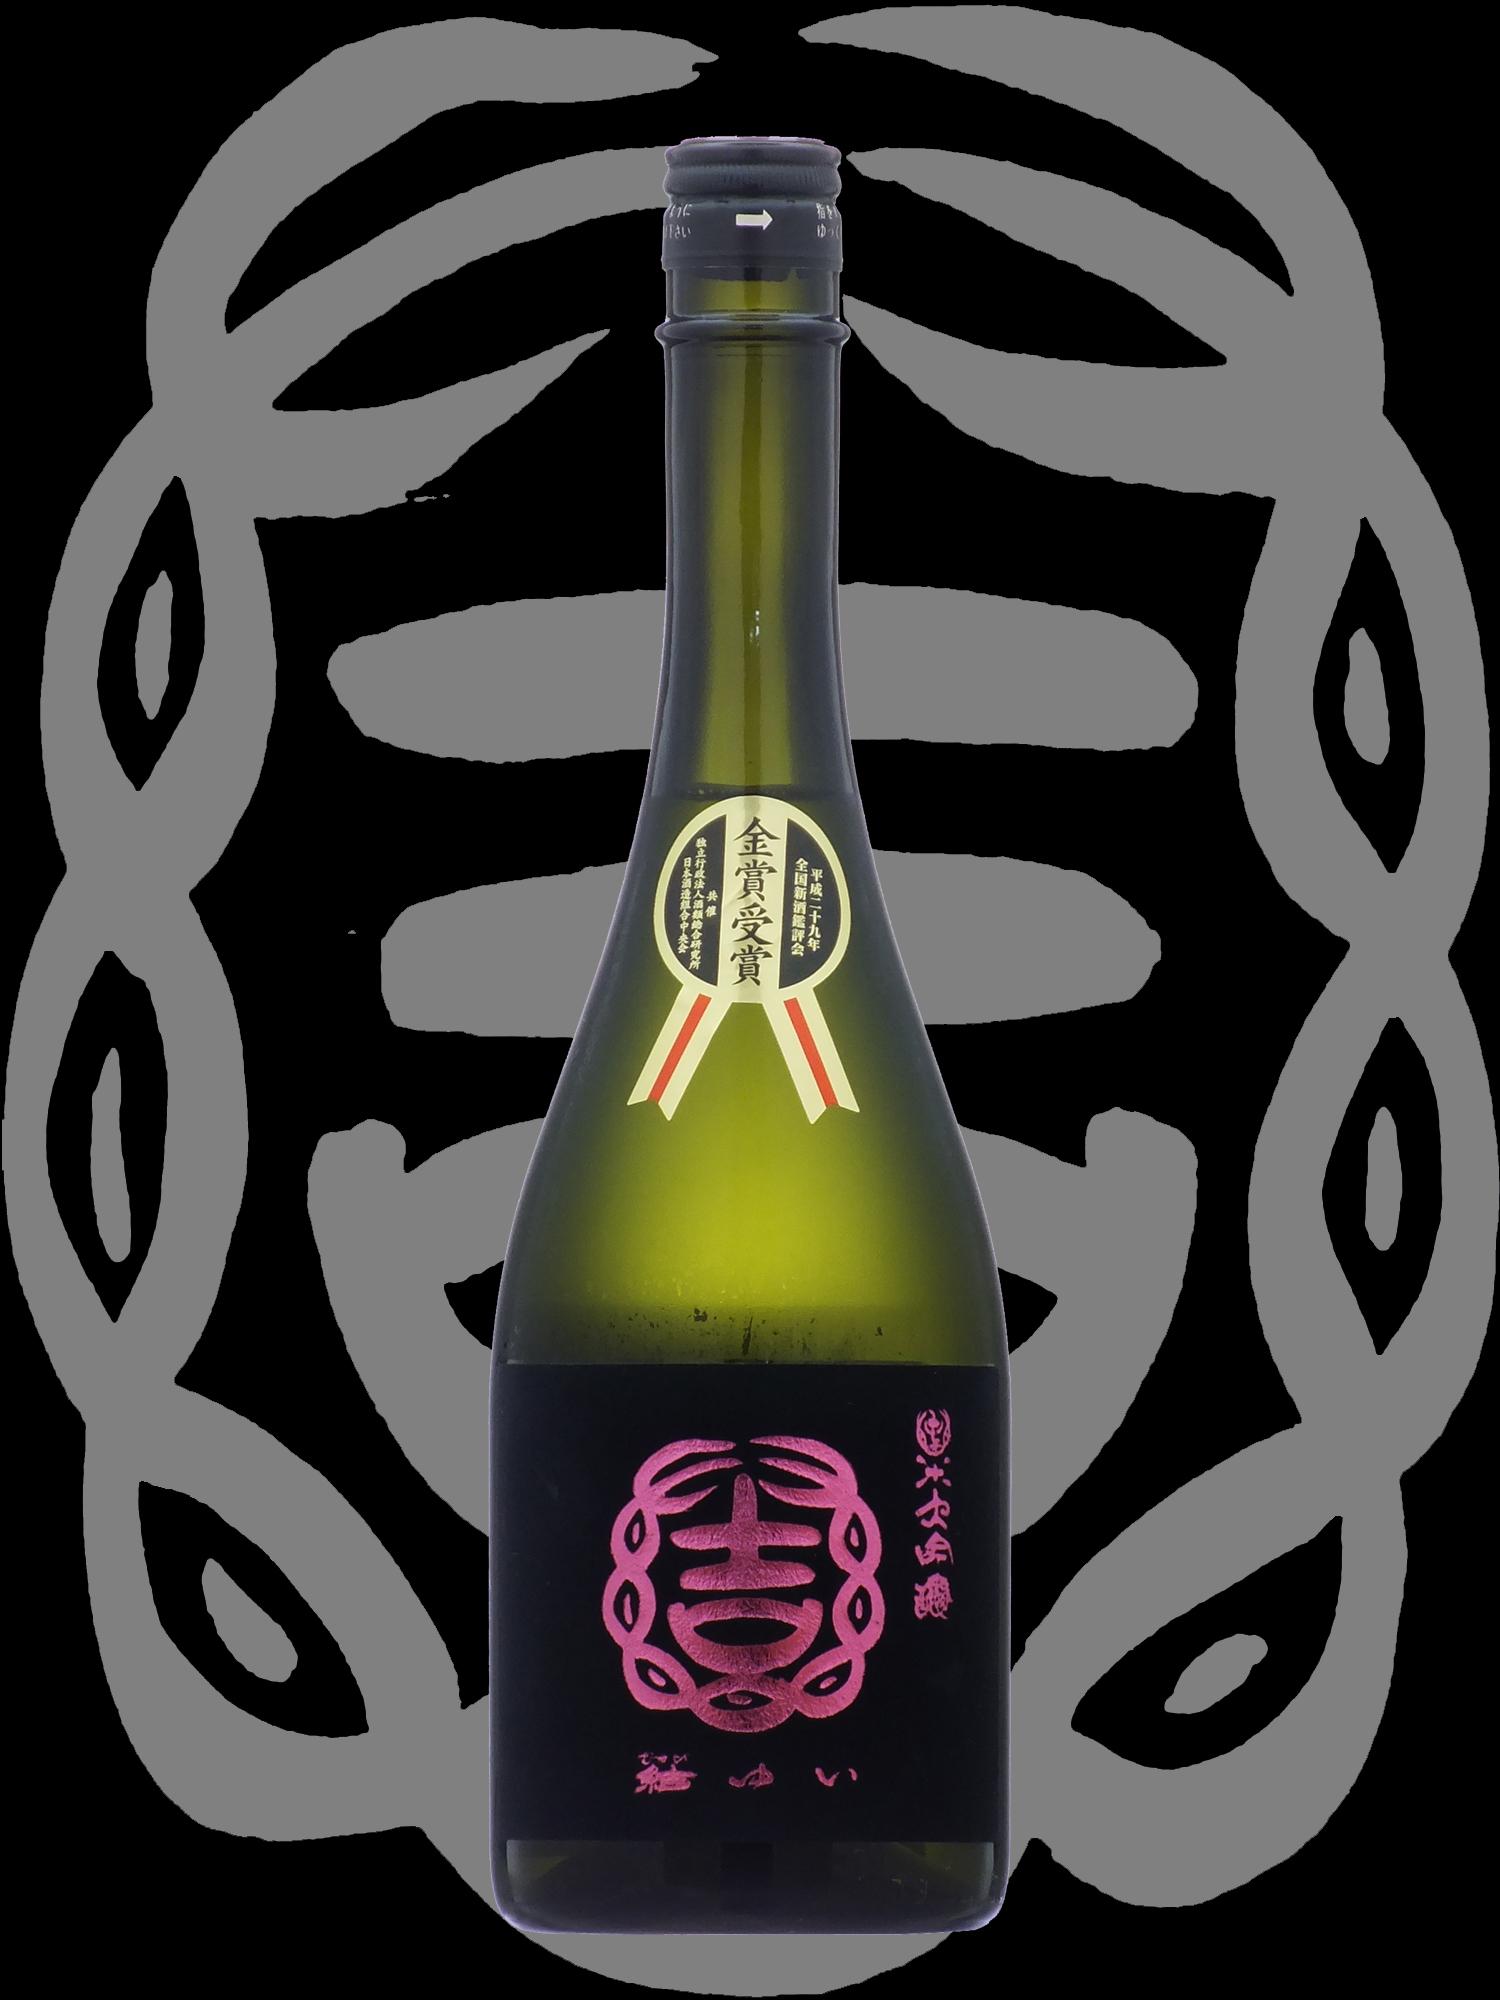 結ゆい(むすびゆい)「純米大吟醸」金賞受賞酒